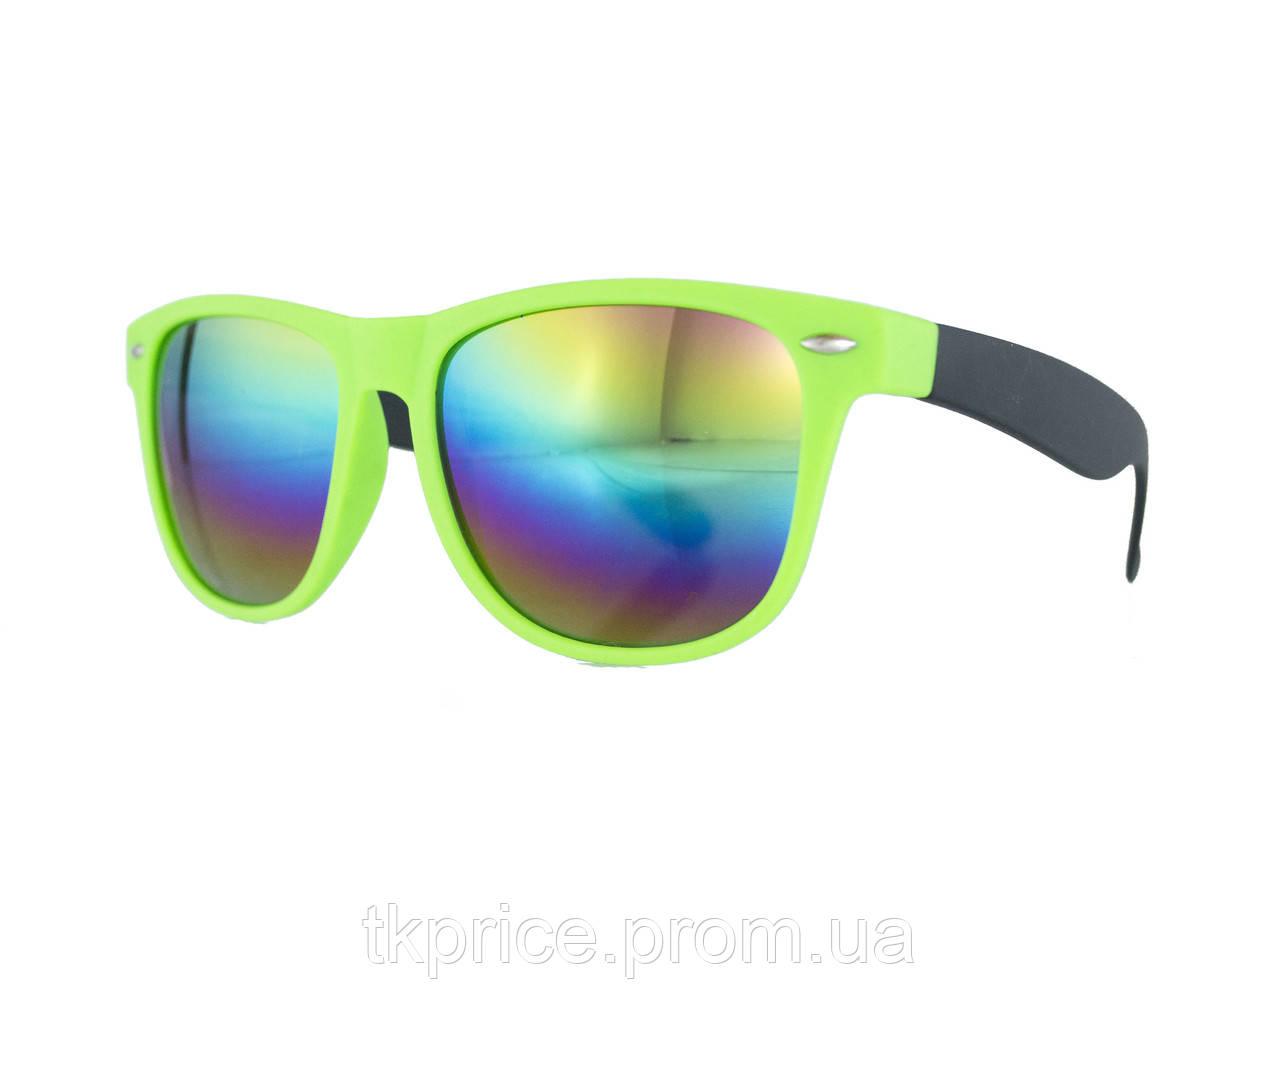 Солнцезащитные очки унисекс Wayfarer